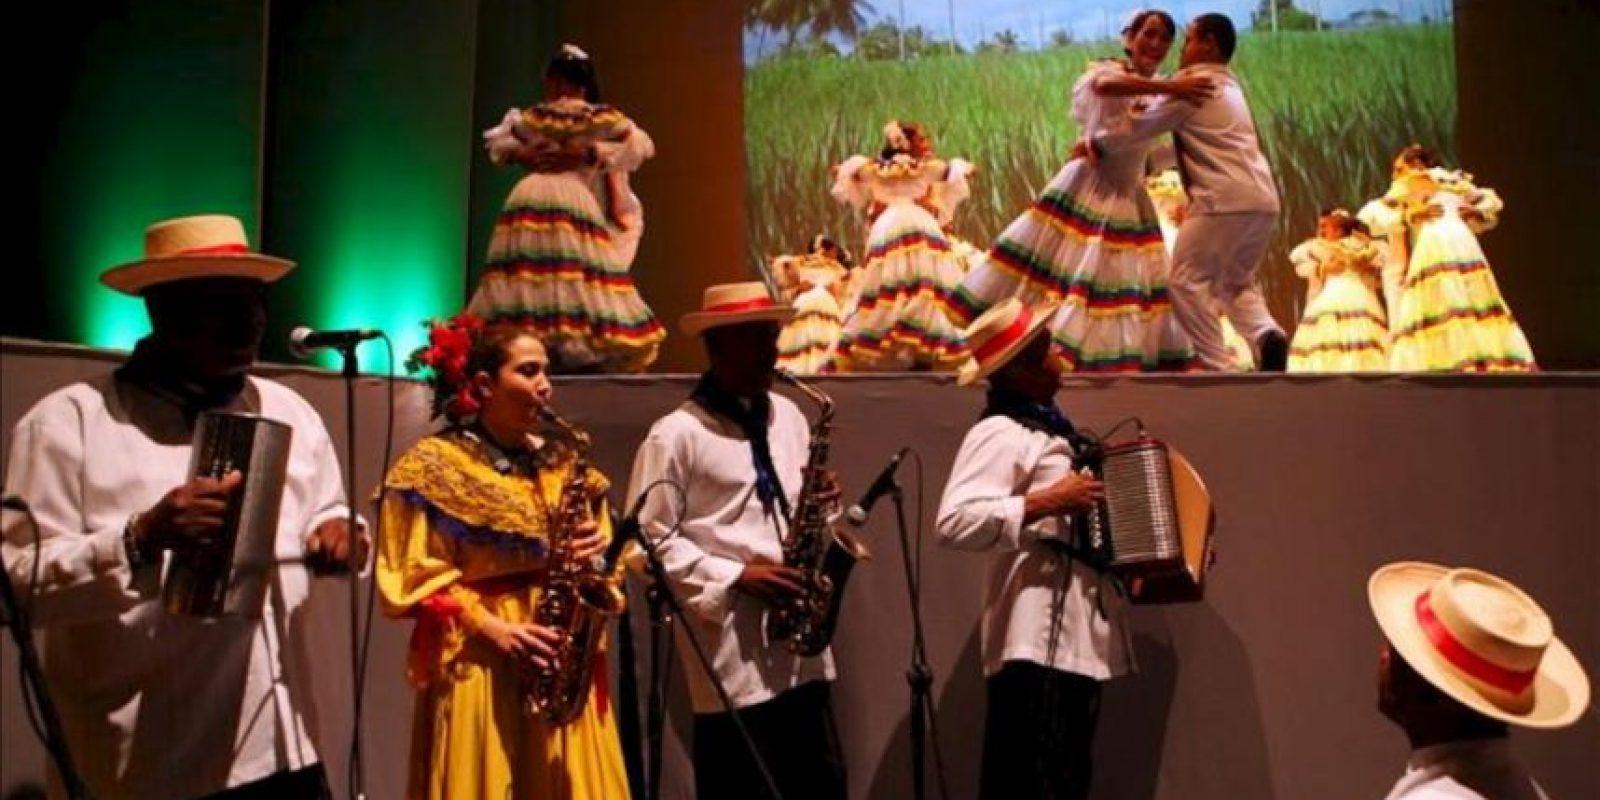 Jóvenes con síndrome de Down presentan un baile folclórico en el debut del Teatro Orquestal Dominicano (TODO), donde personas con diversas discapacidades presentaron un espectáculo de música, canto, danza y teatro este, 27 de mayo, en Santo Domingo (República Dominicana). EFE